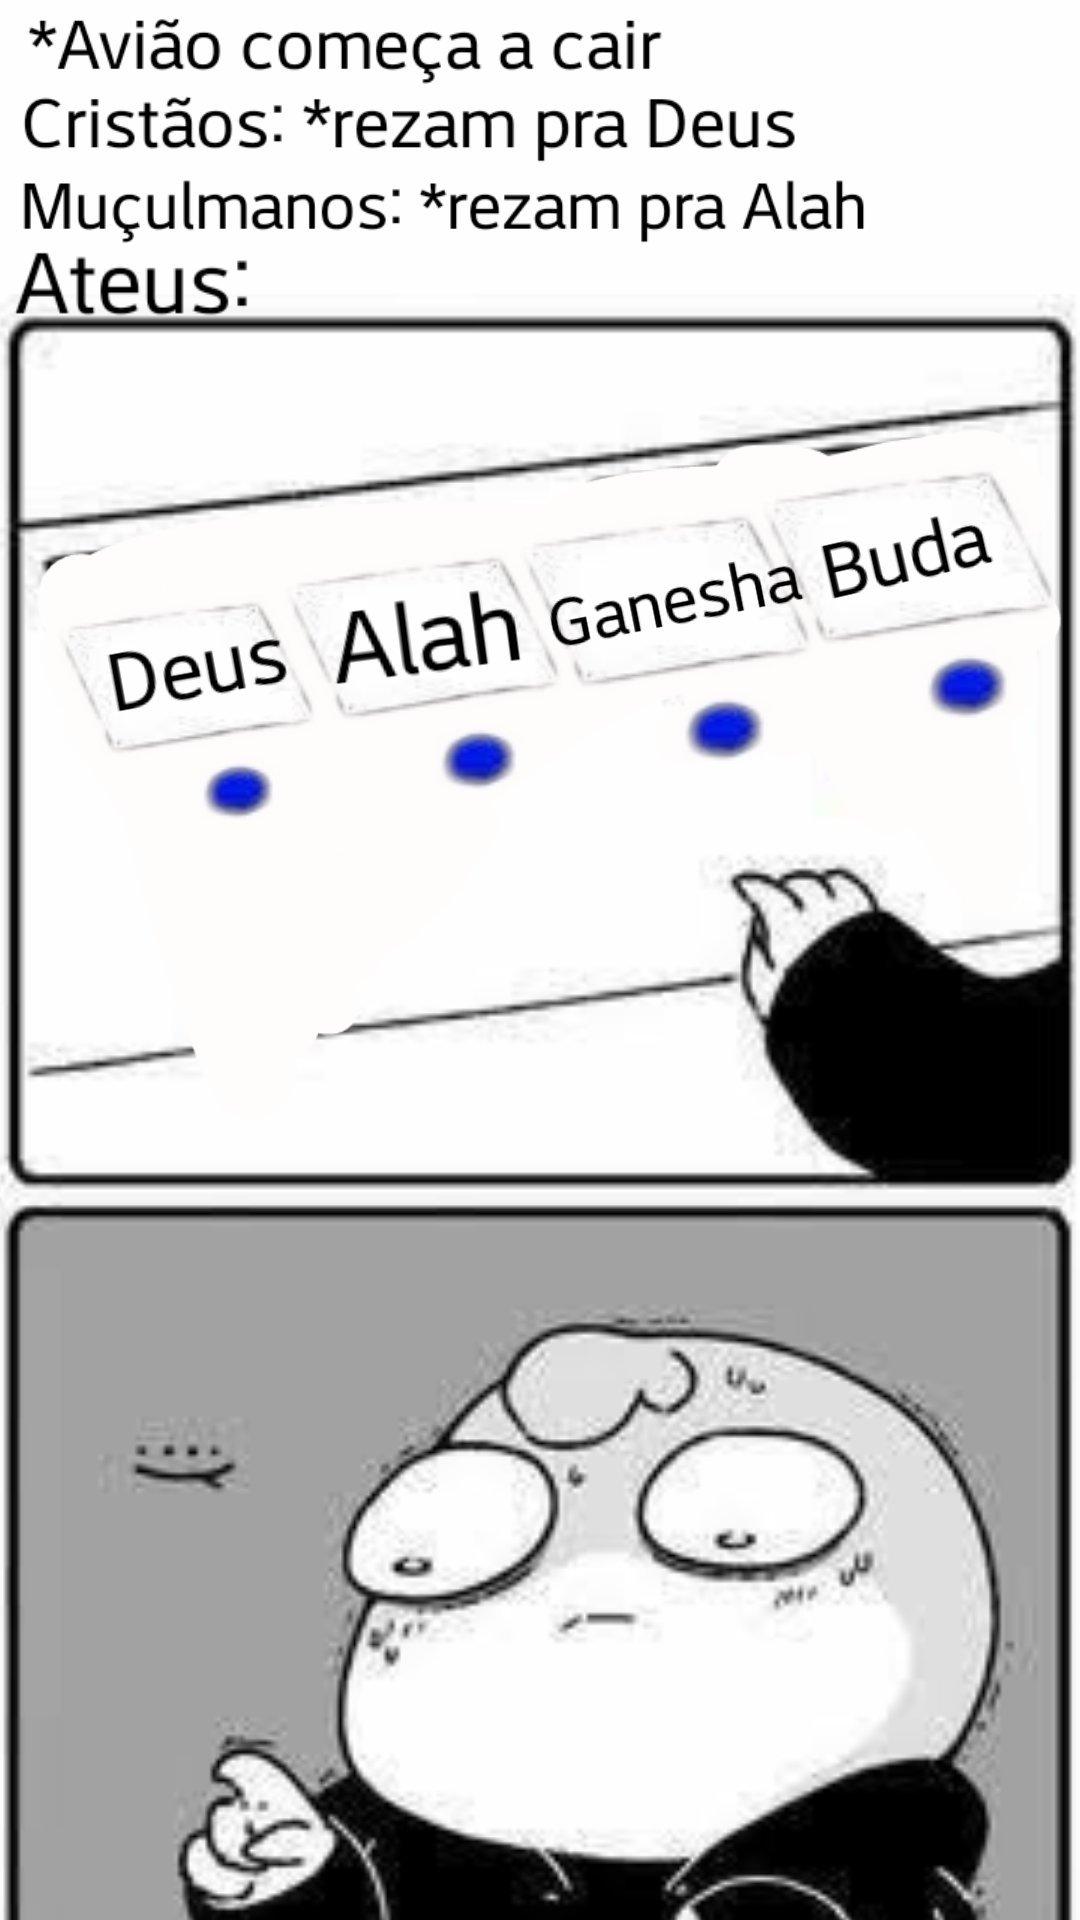 eu sou ateu, mas só até o avião cair - meme